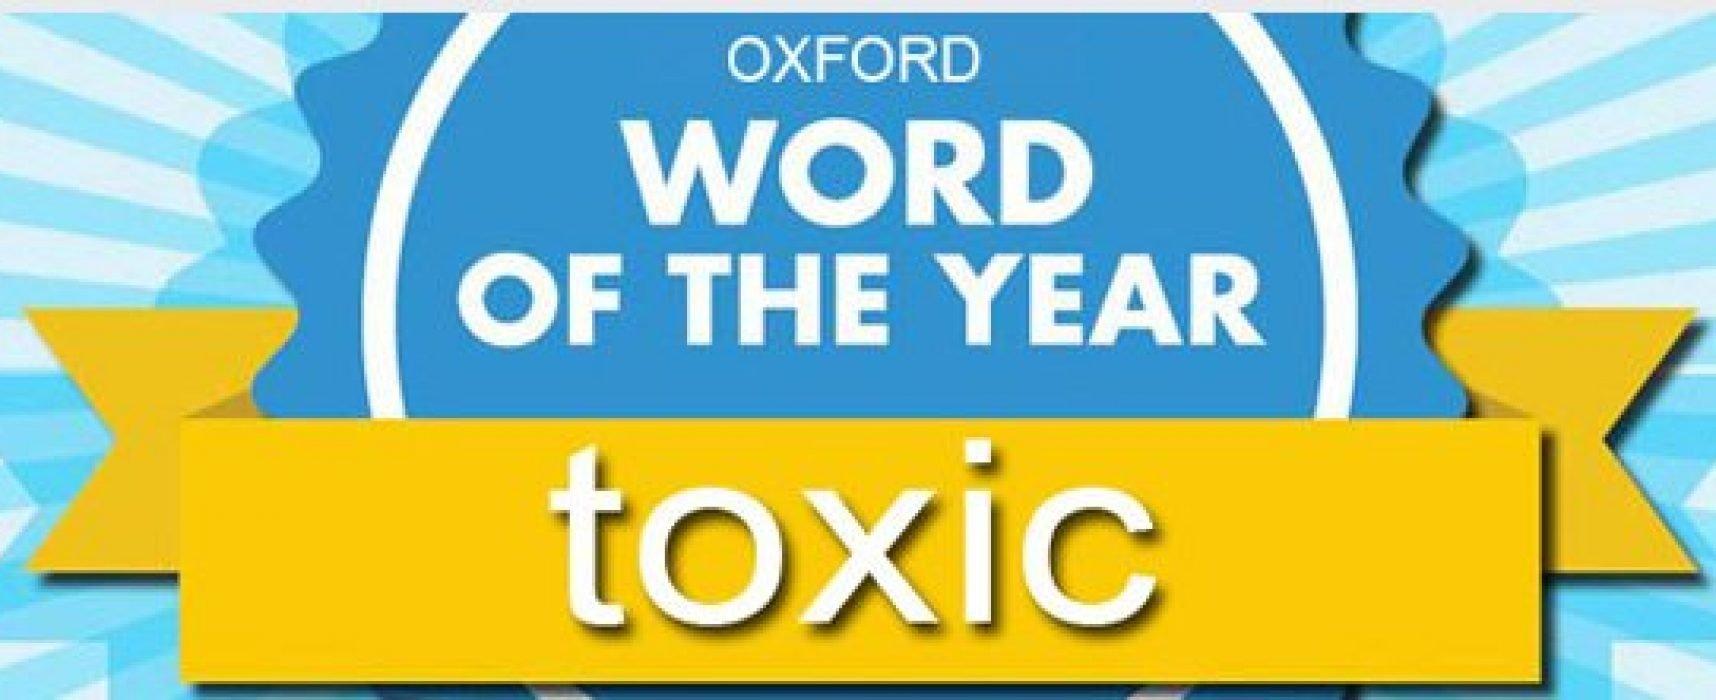 Оксфордський словник вибрав слово року під впливом отруєння Скрипалів і руху #MeToo